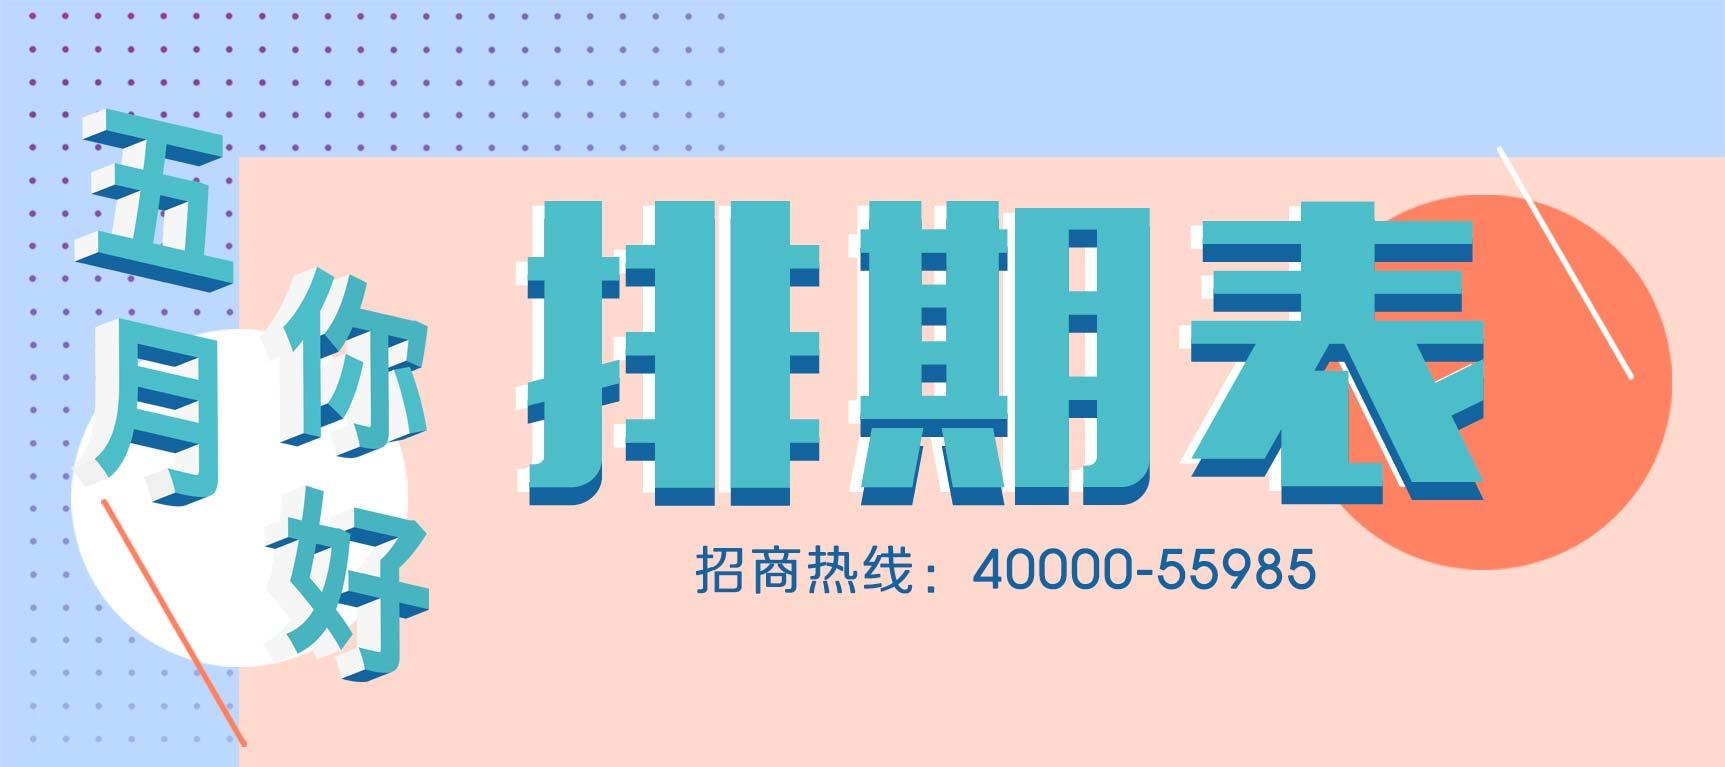 中国上海人才市场五月招聘会排期预告